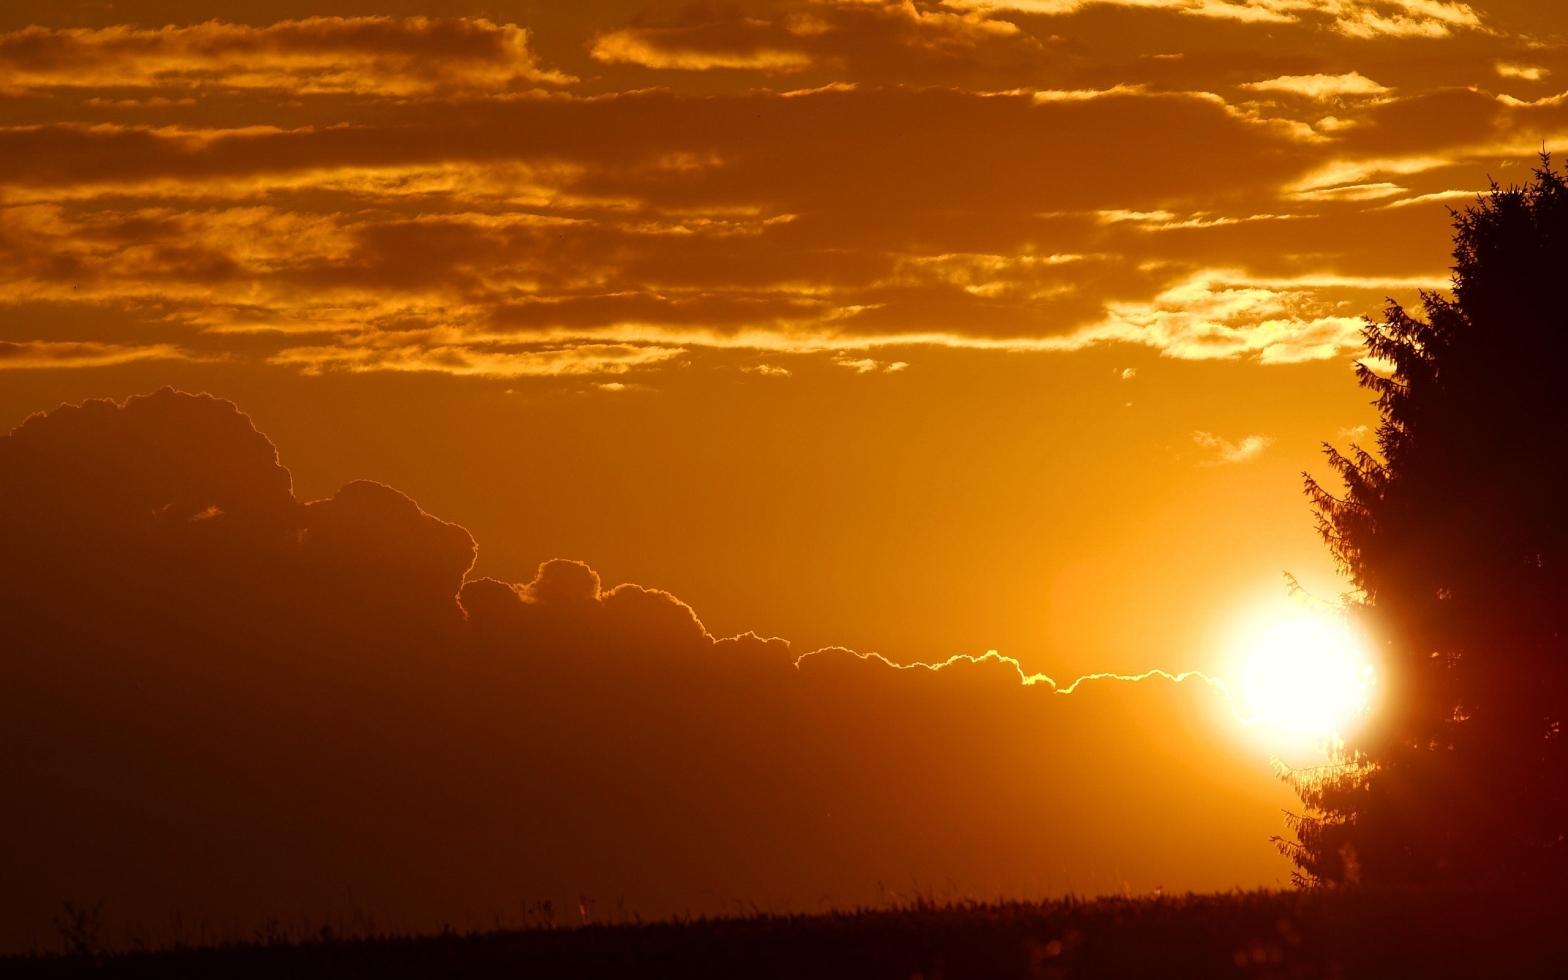 Güneş ile ilgili anlamlı ve güzel sözler